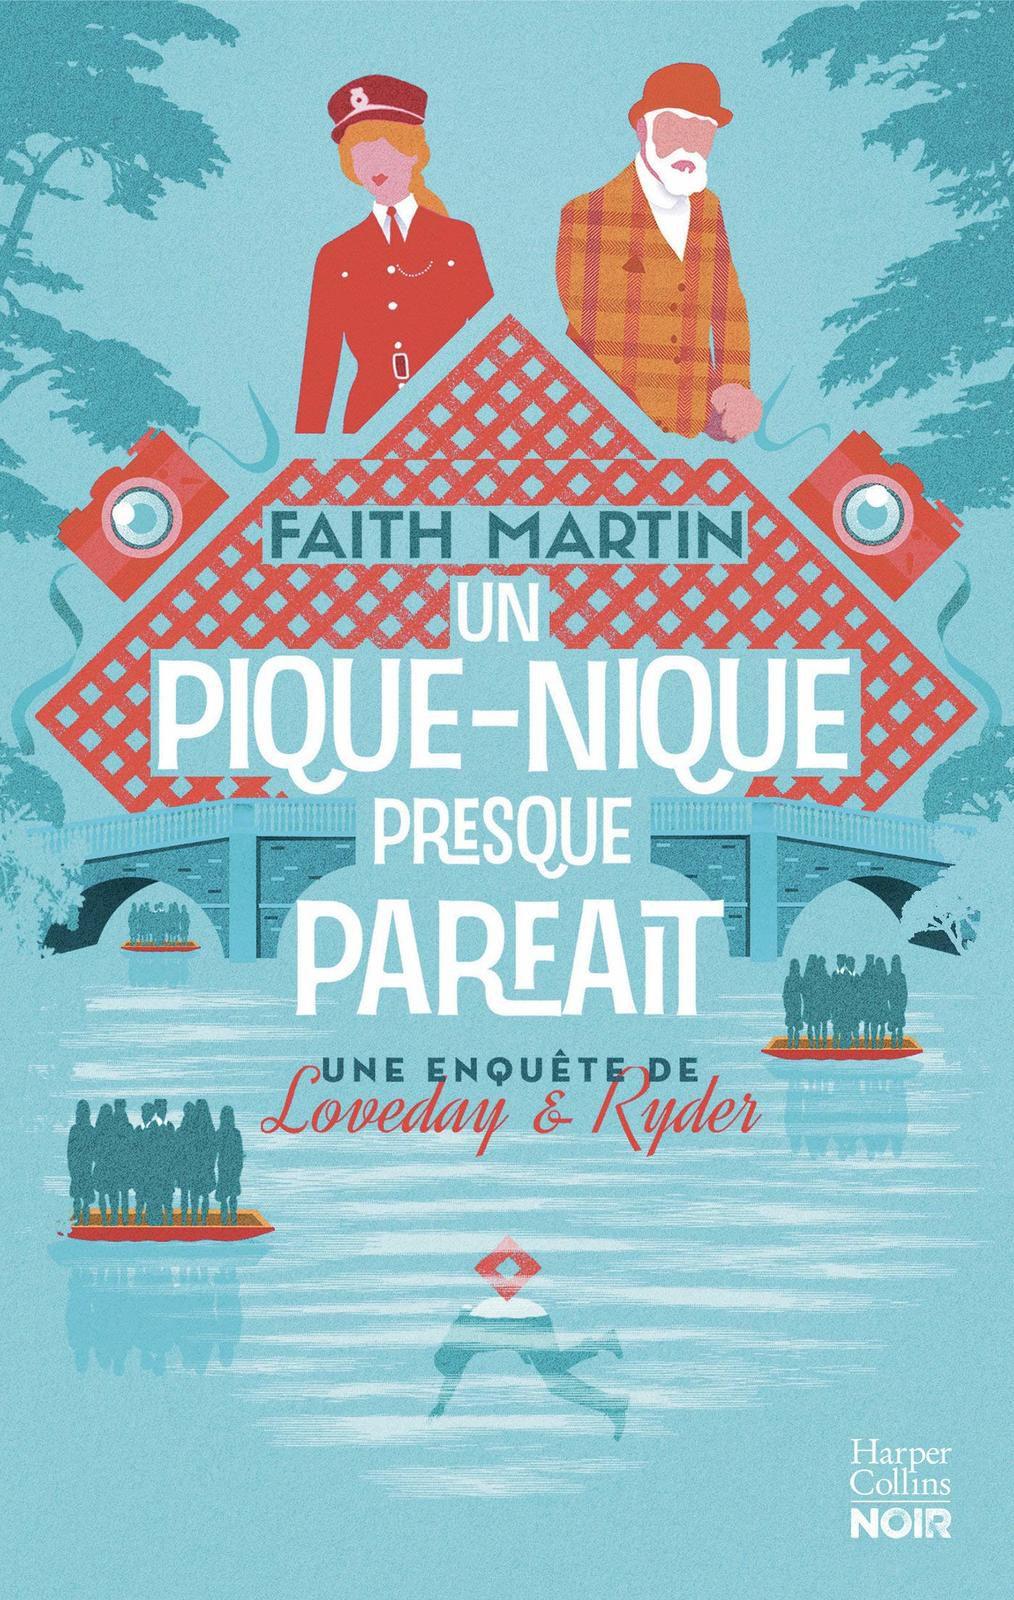 """""""un pique-nique presque parfait, de Faith Martin"""" - """"www.audetourdunlivre.com"""""""